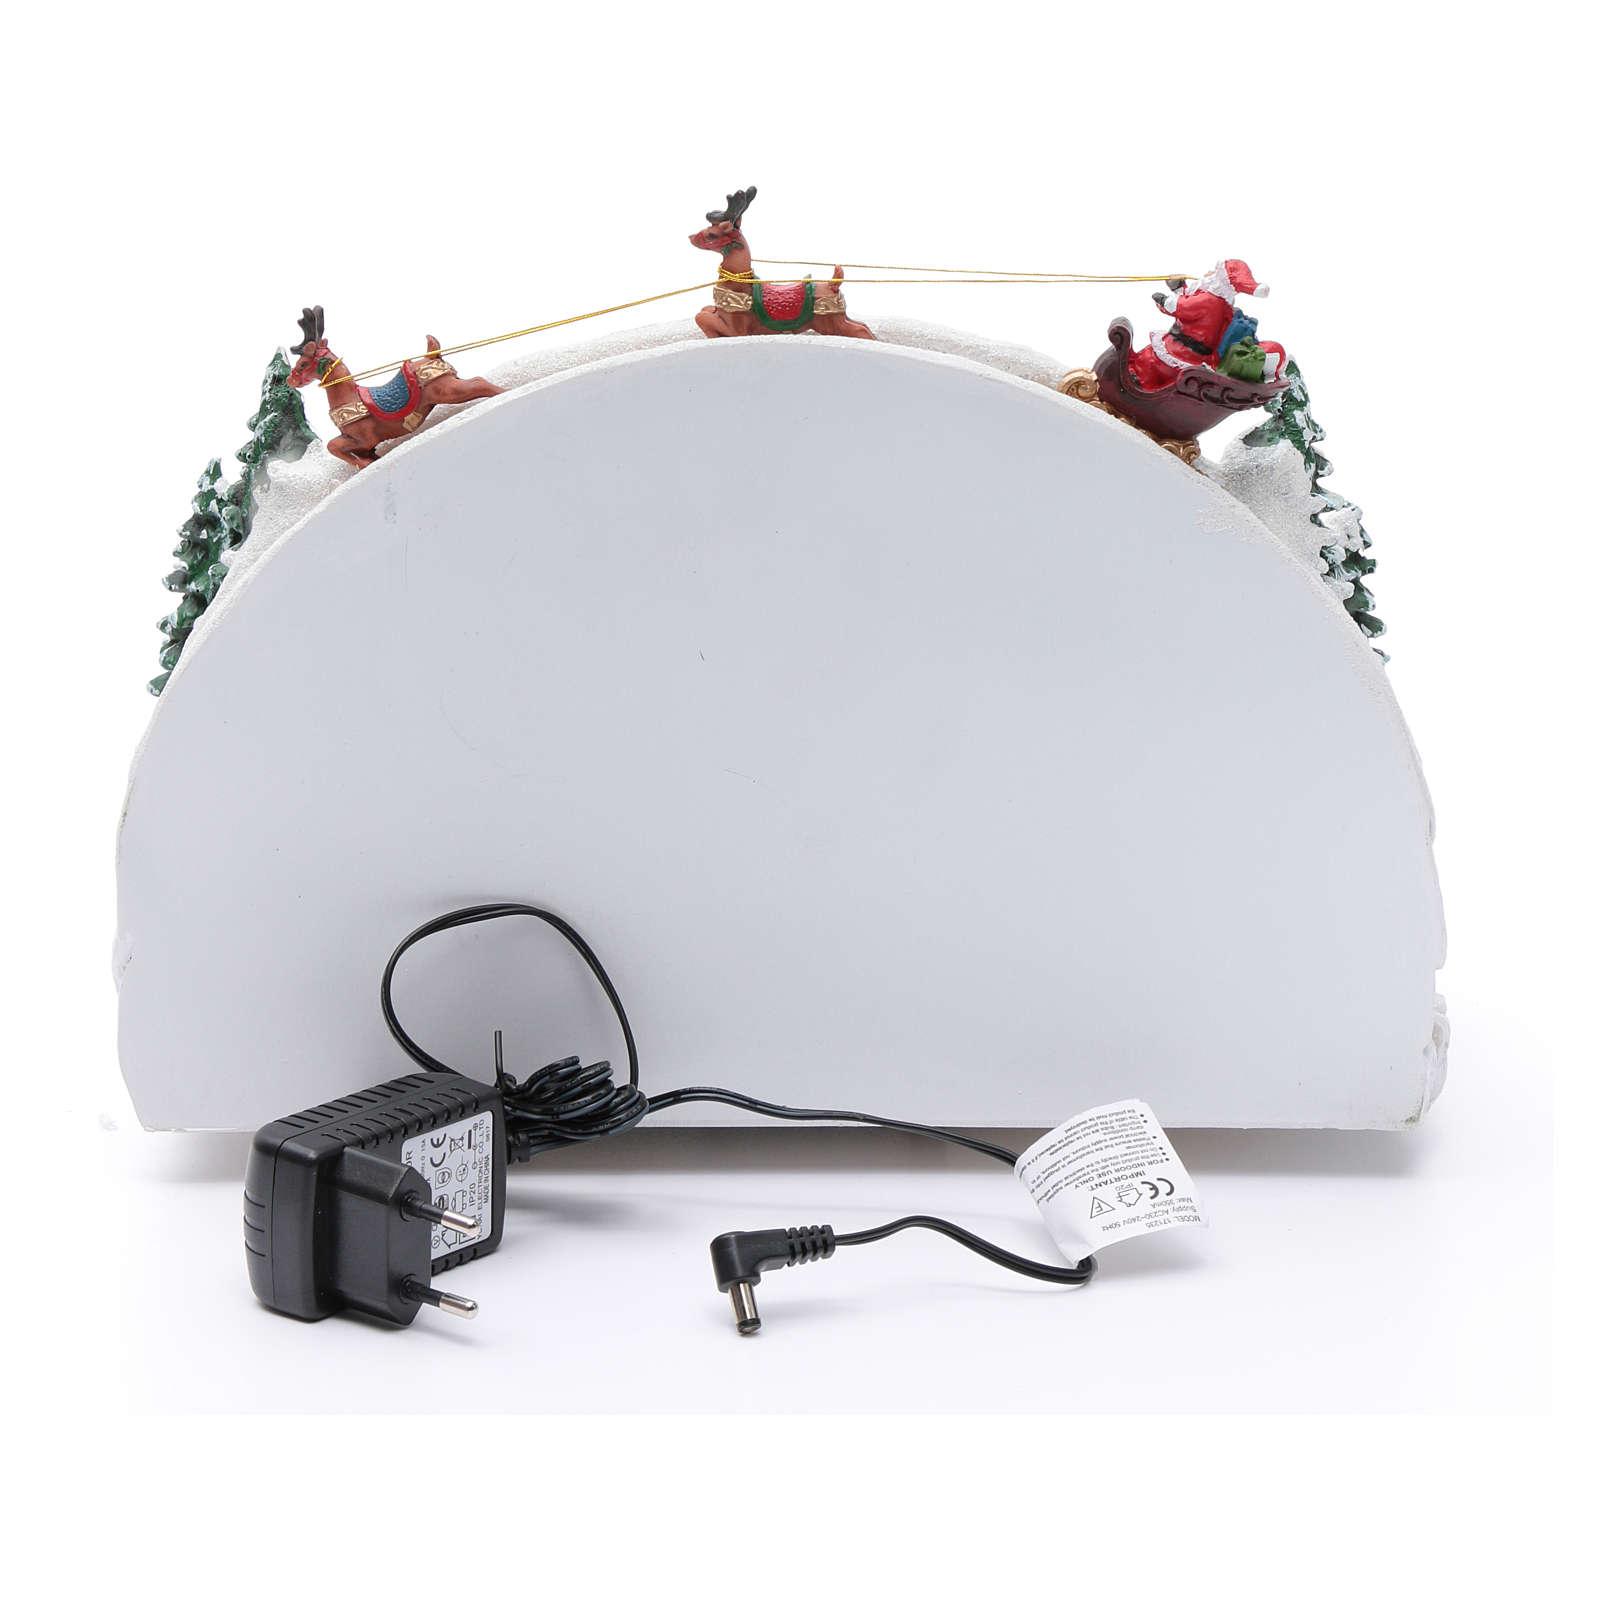 Villaggio natalizio bianco luminoso musica movim pattinatori albero natale 24X33X21 cm 3